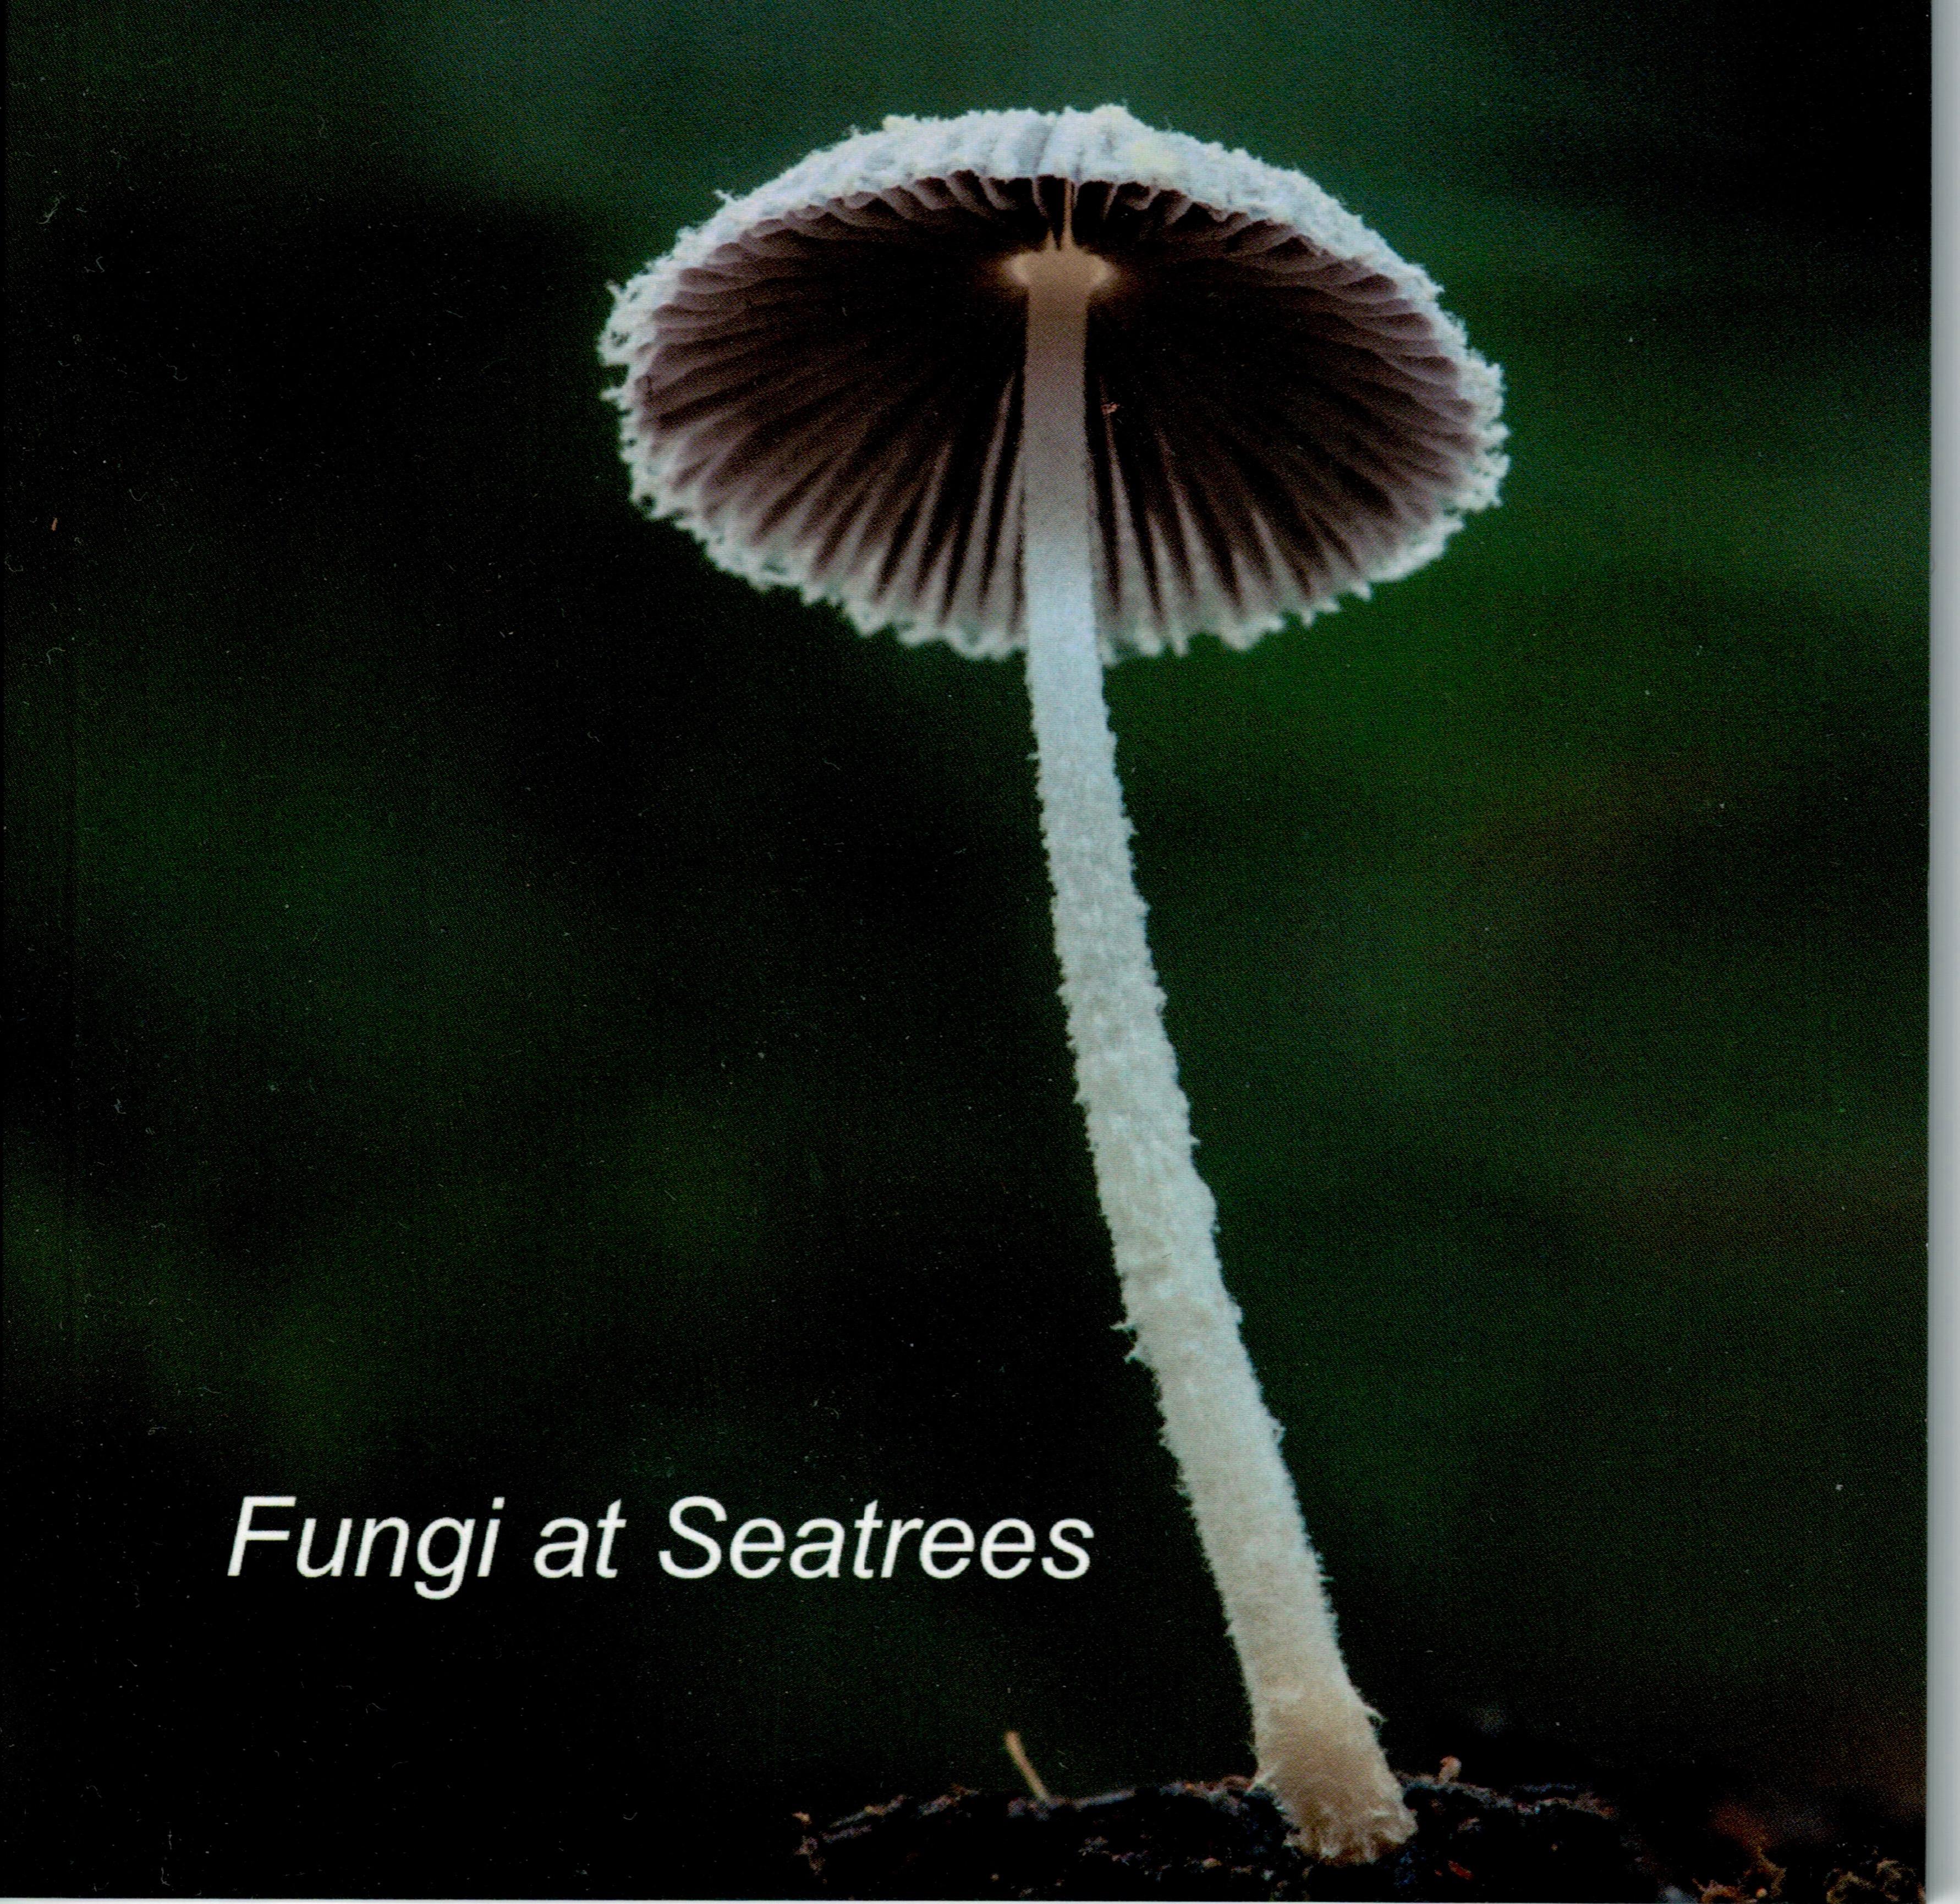 Fungi at Seatrees